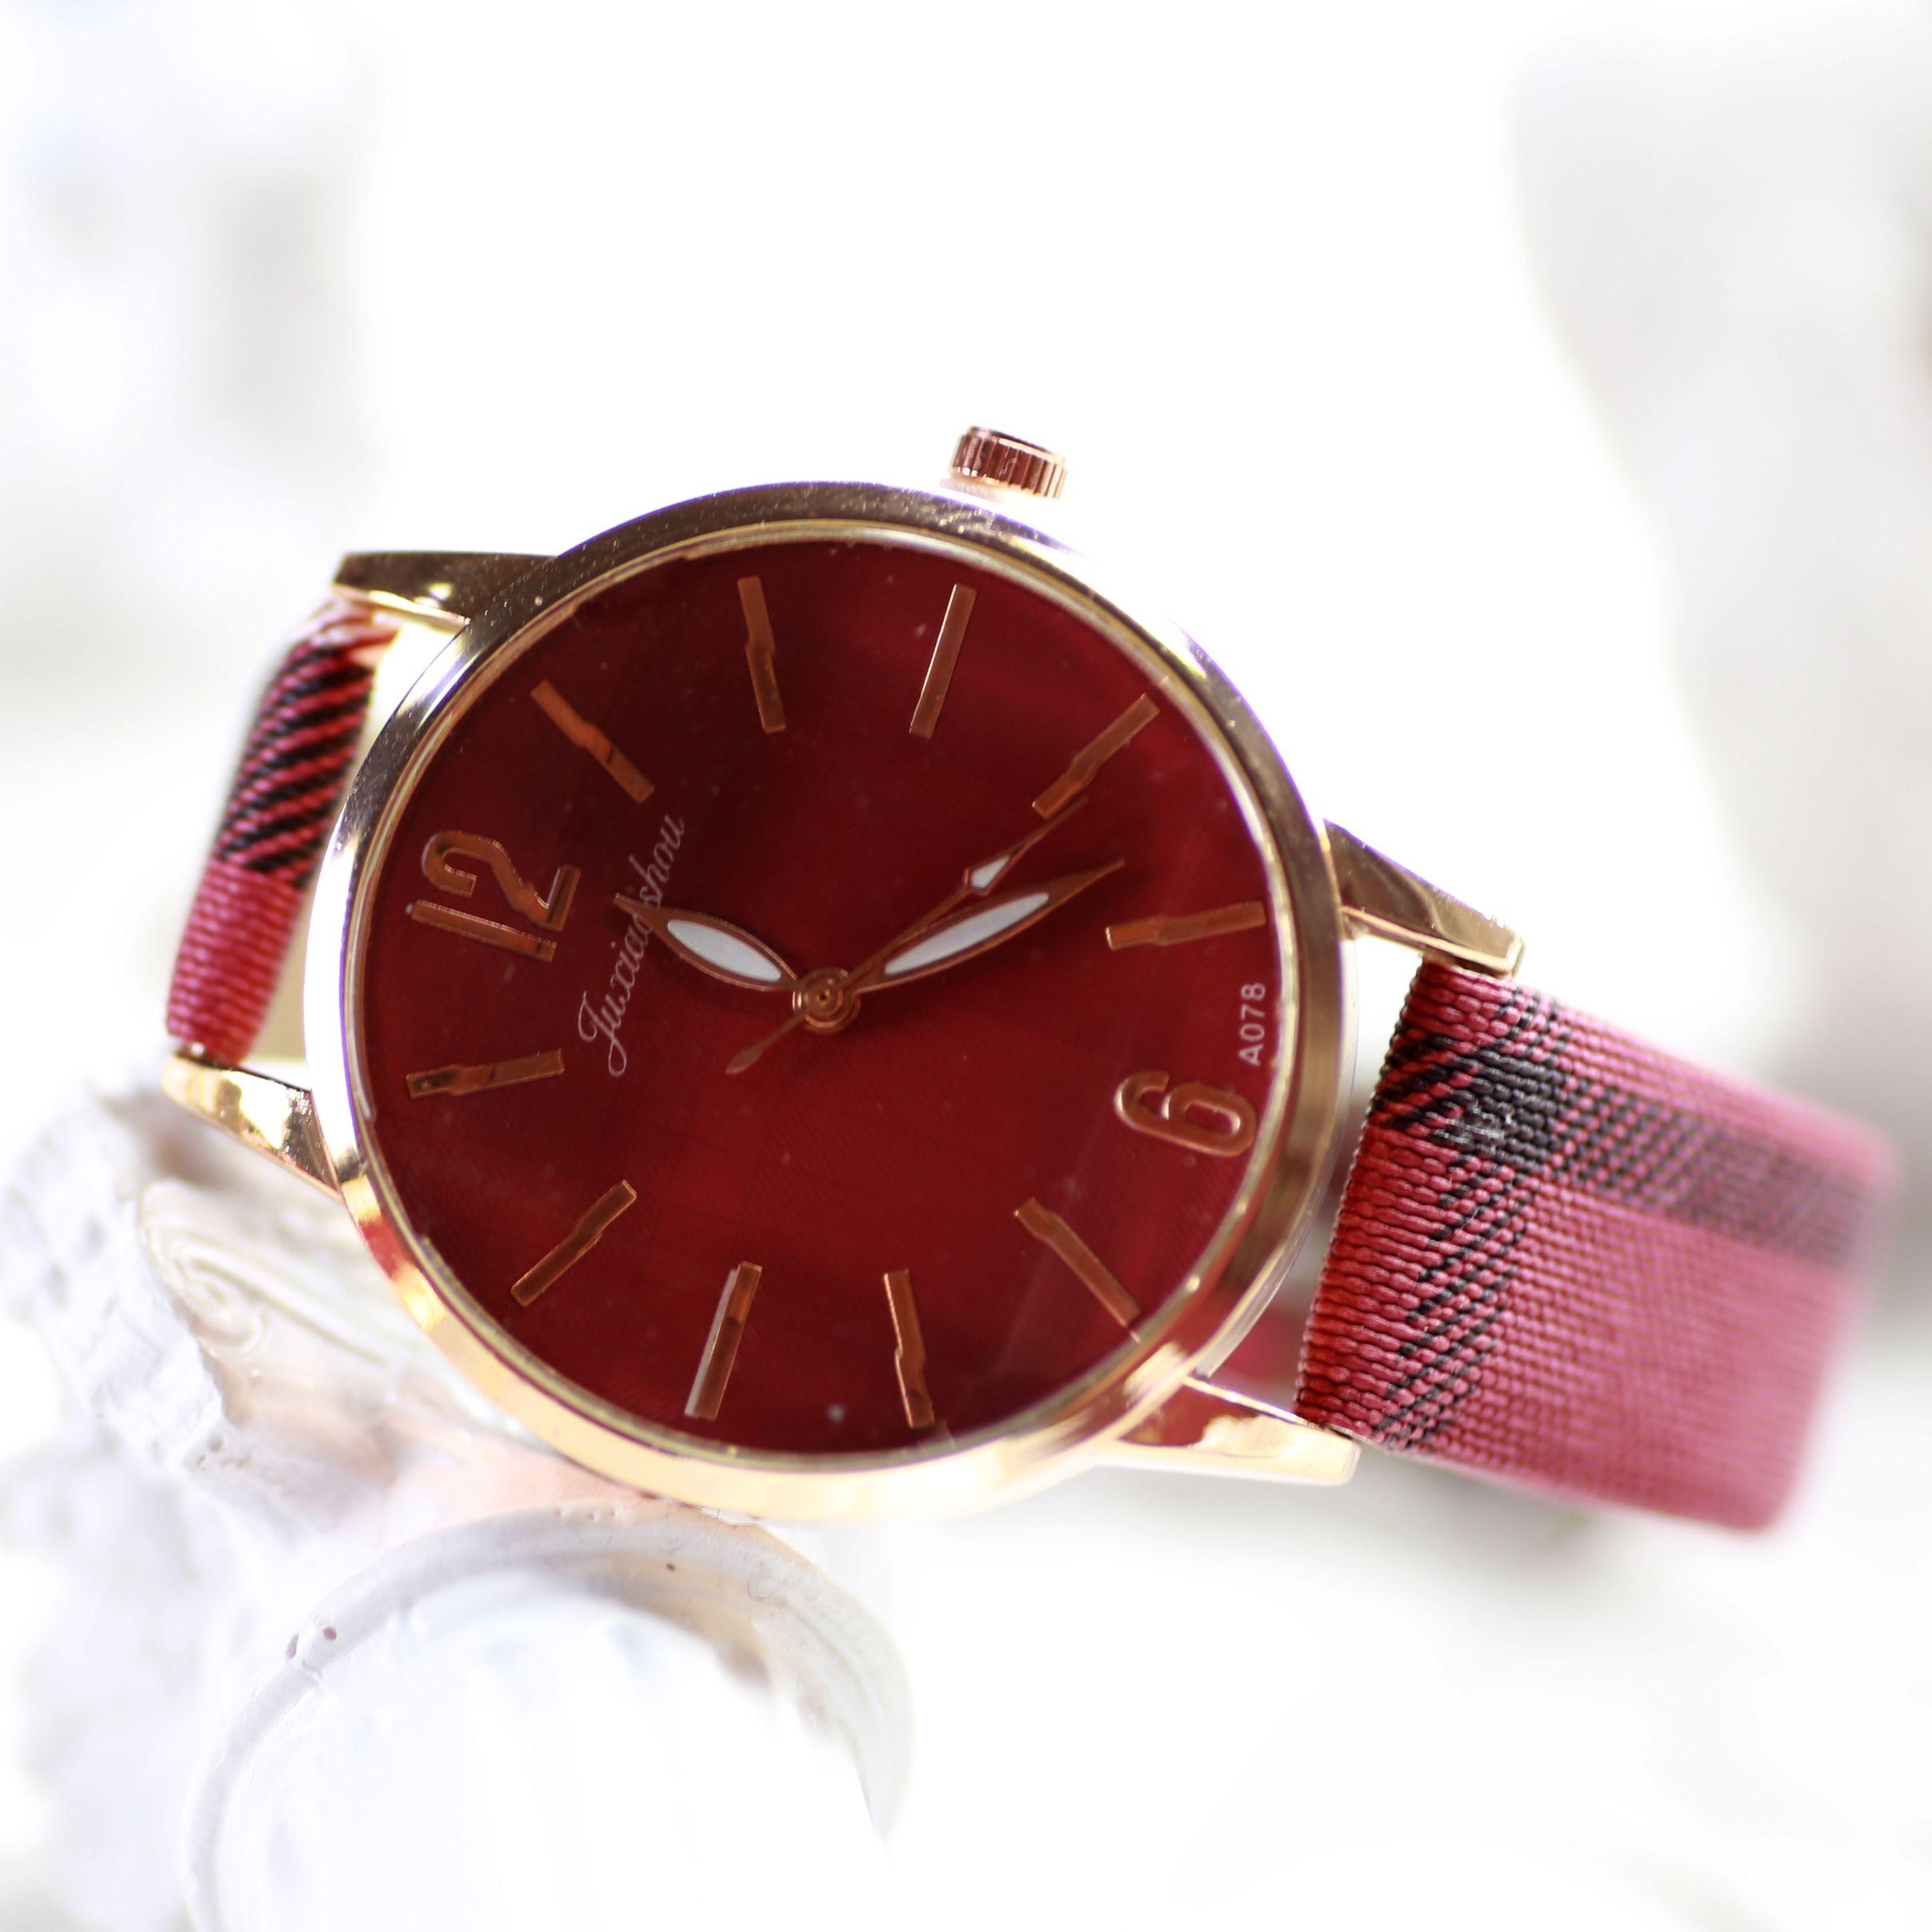 【新乐表业】外贸手表 ebay爆款手表 女士石英表 条纹手表